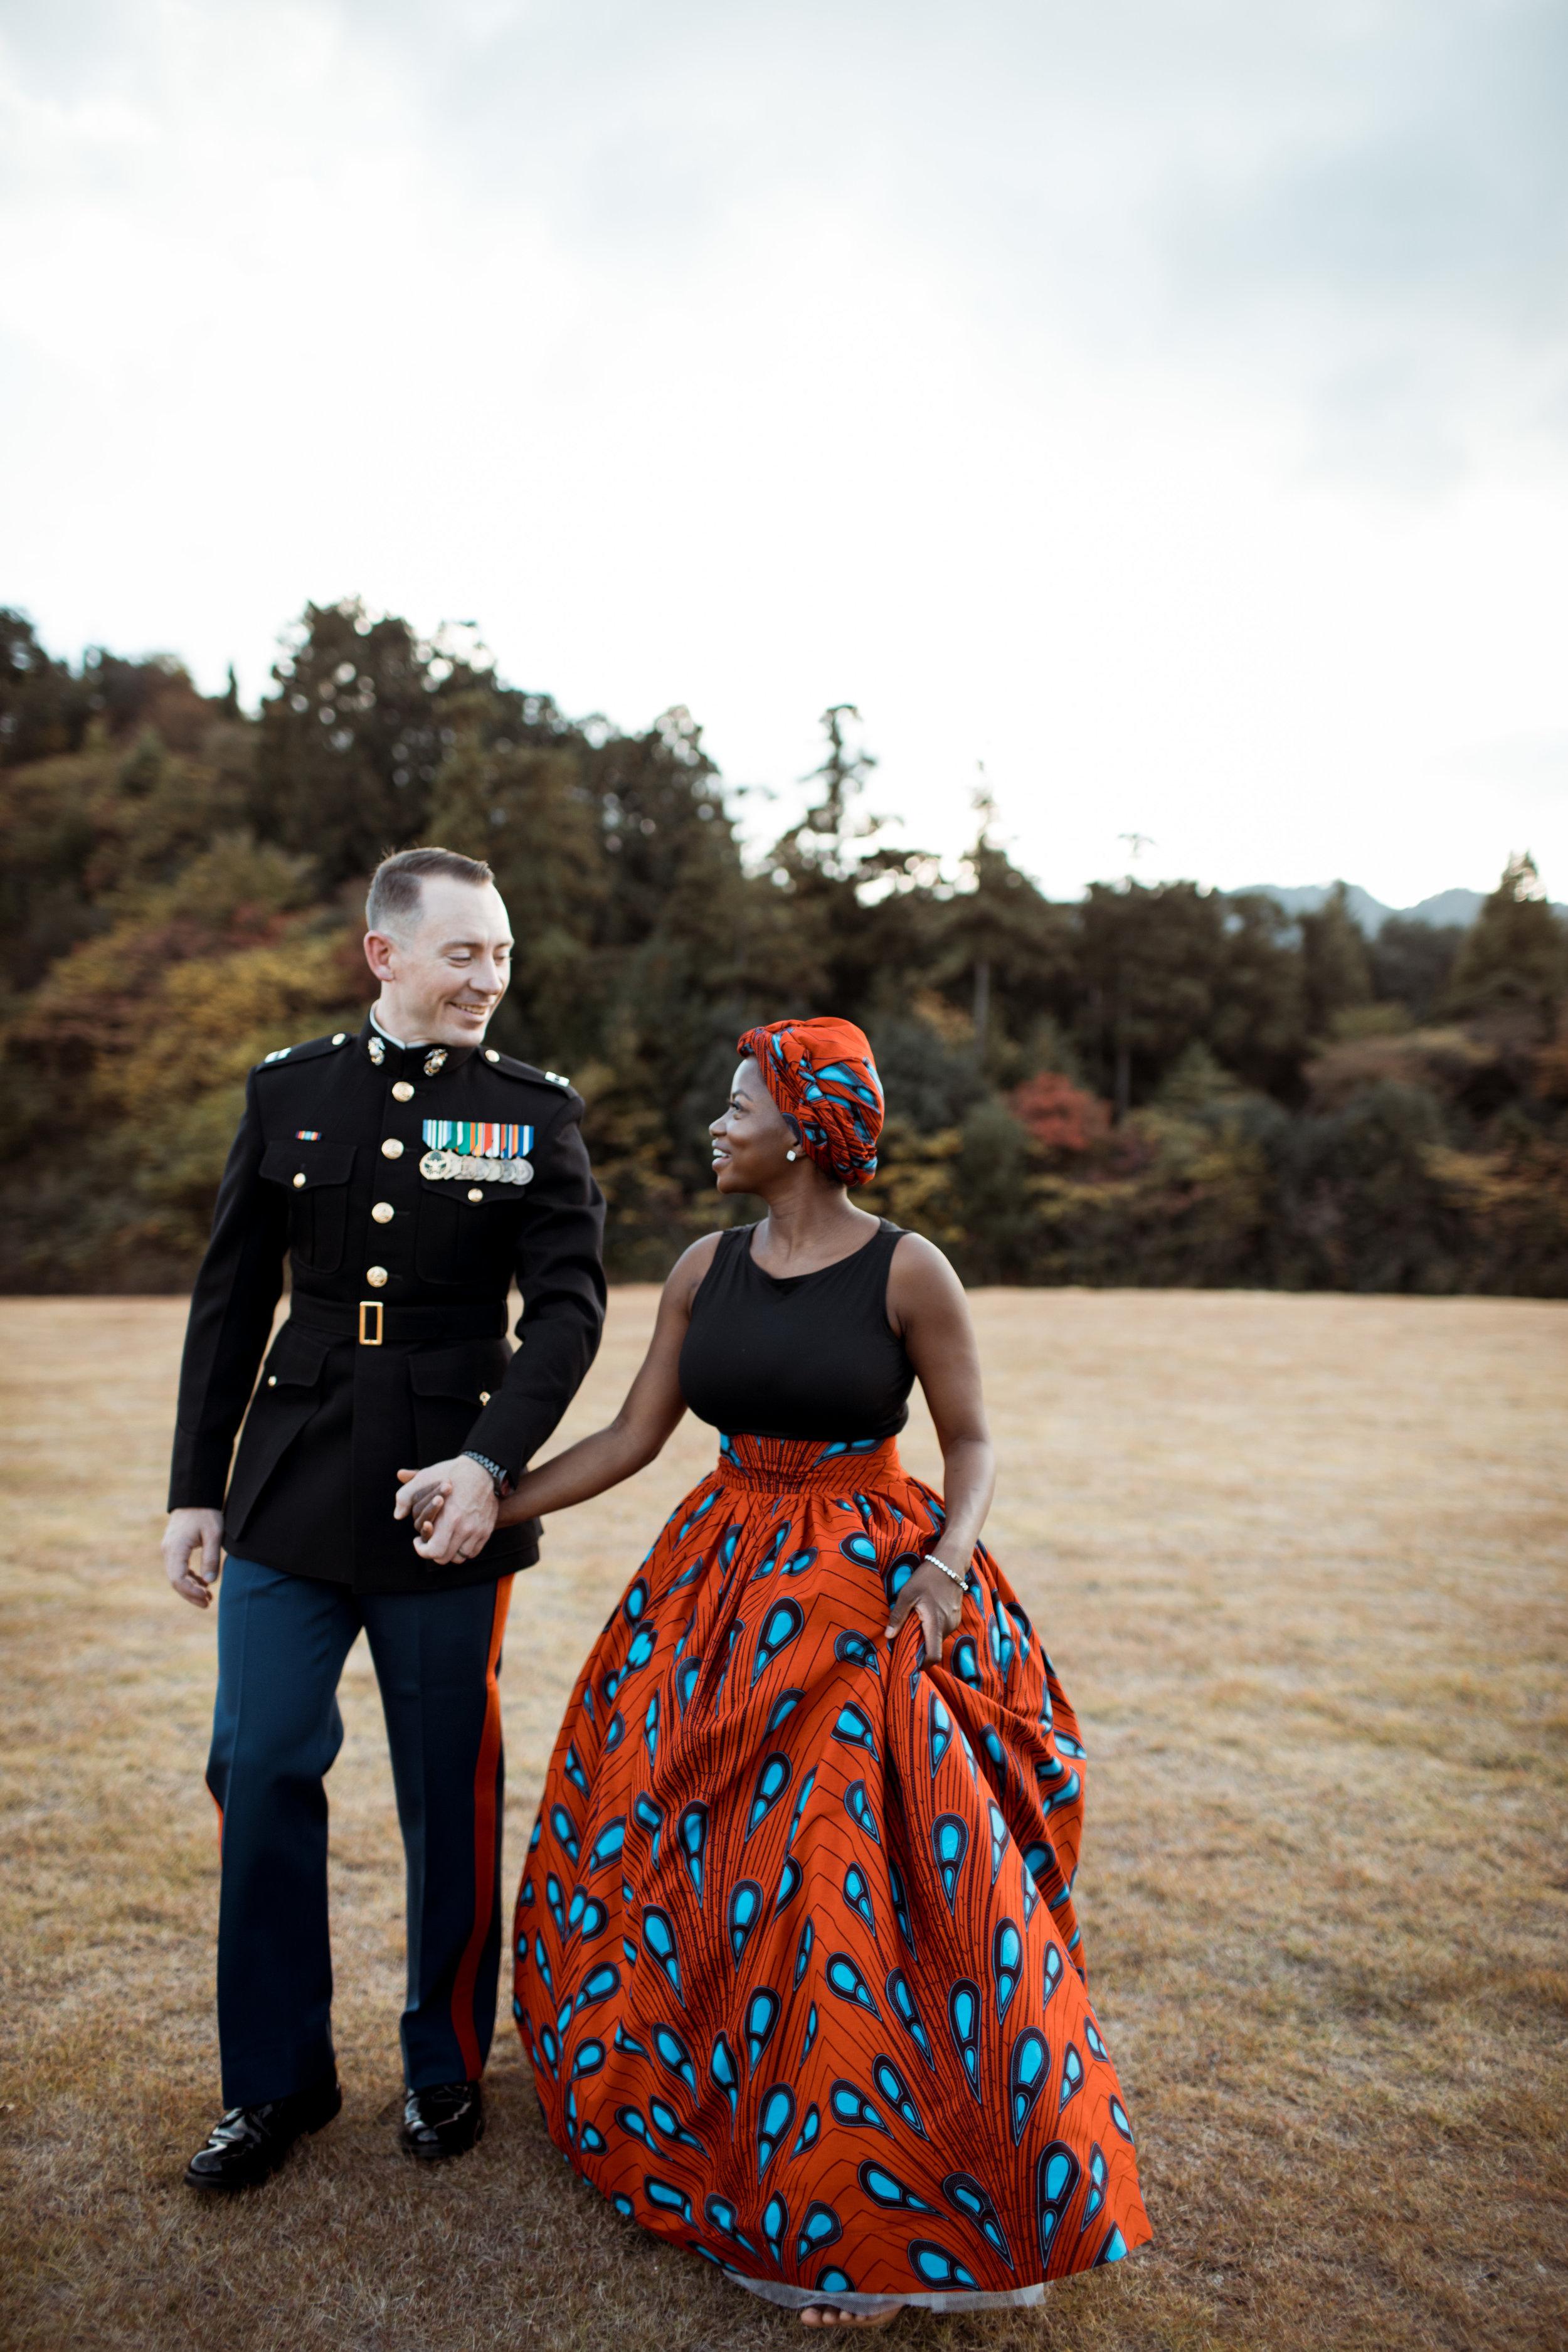 marine-ball-couple-photos-by-samantha-look.jpg